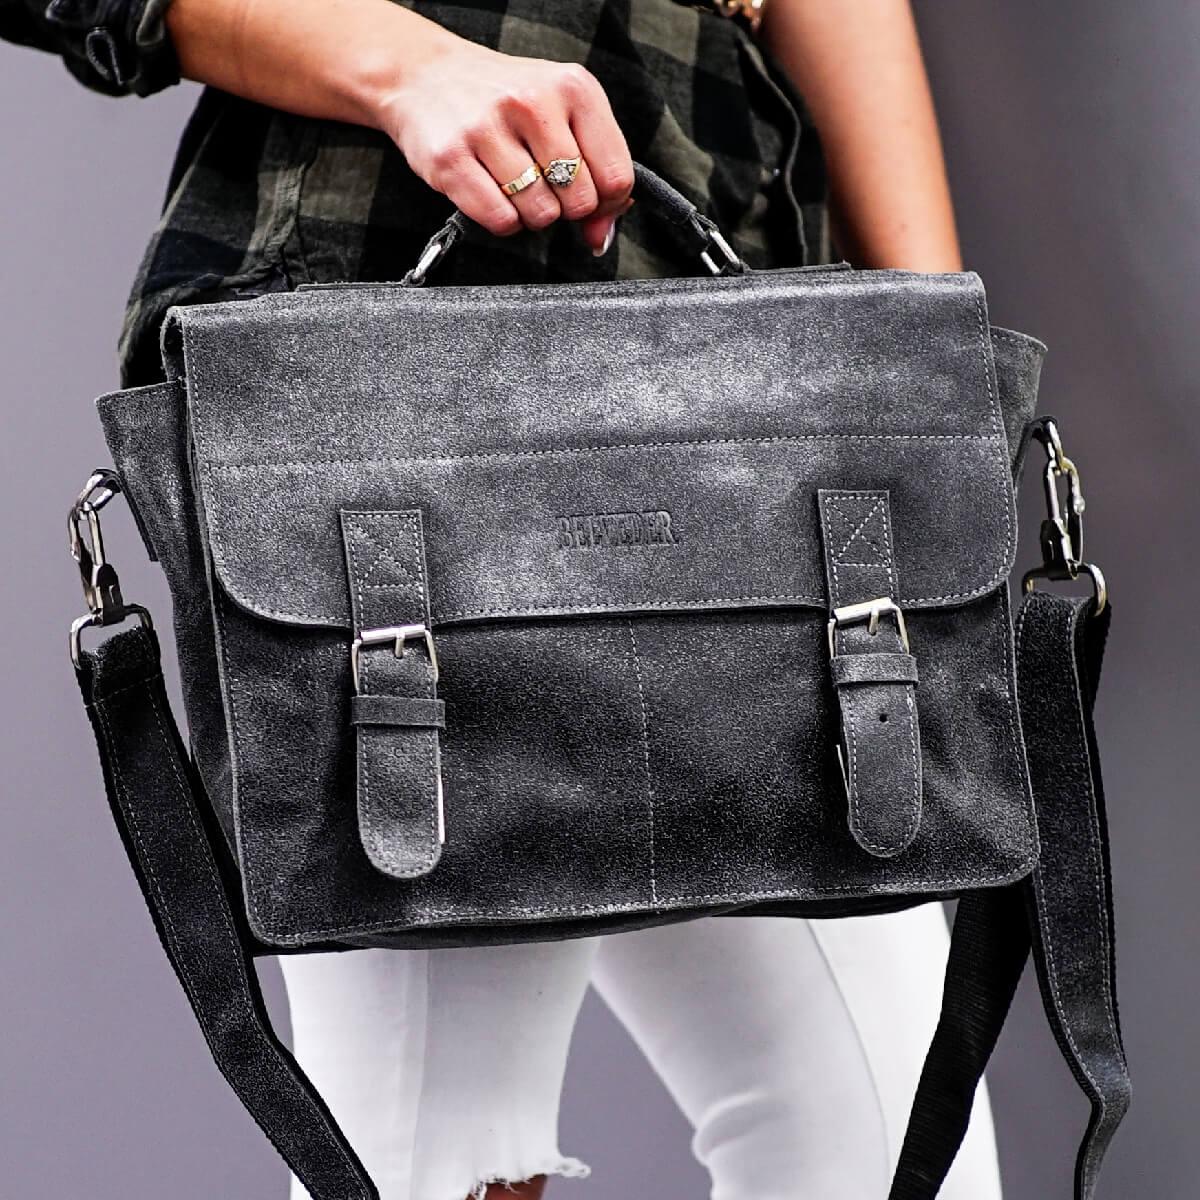 bf69faad3400d torebki listonoszki duże listonoszka damska torebki listonoszki torebka  listonoszka ...